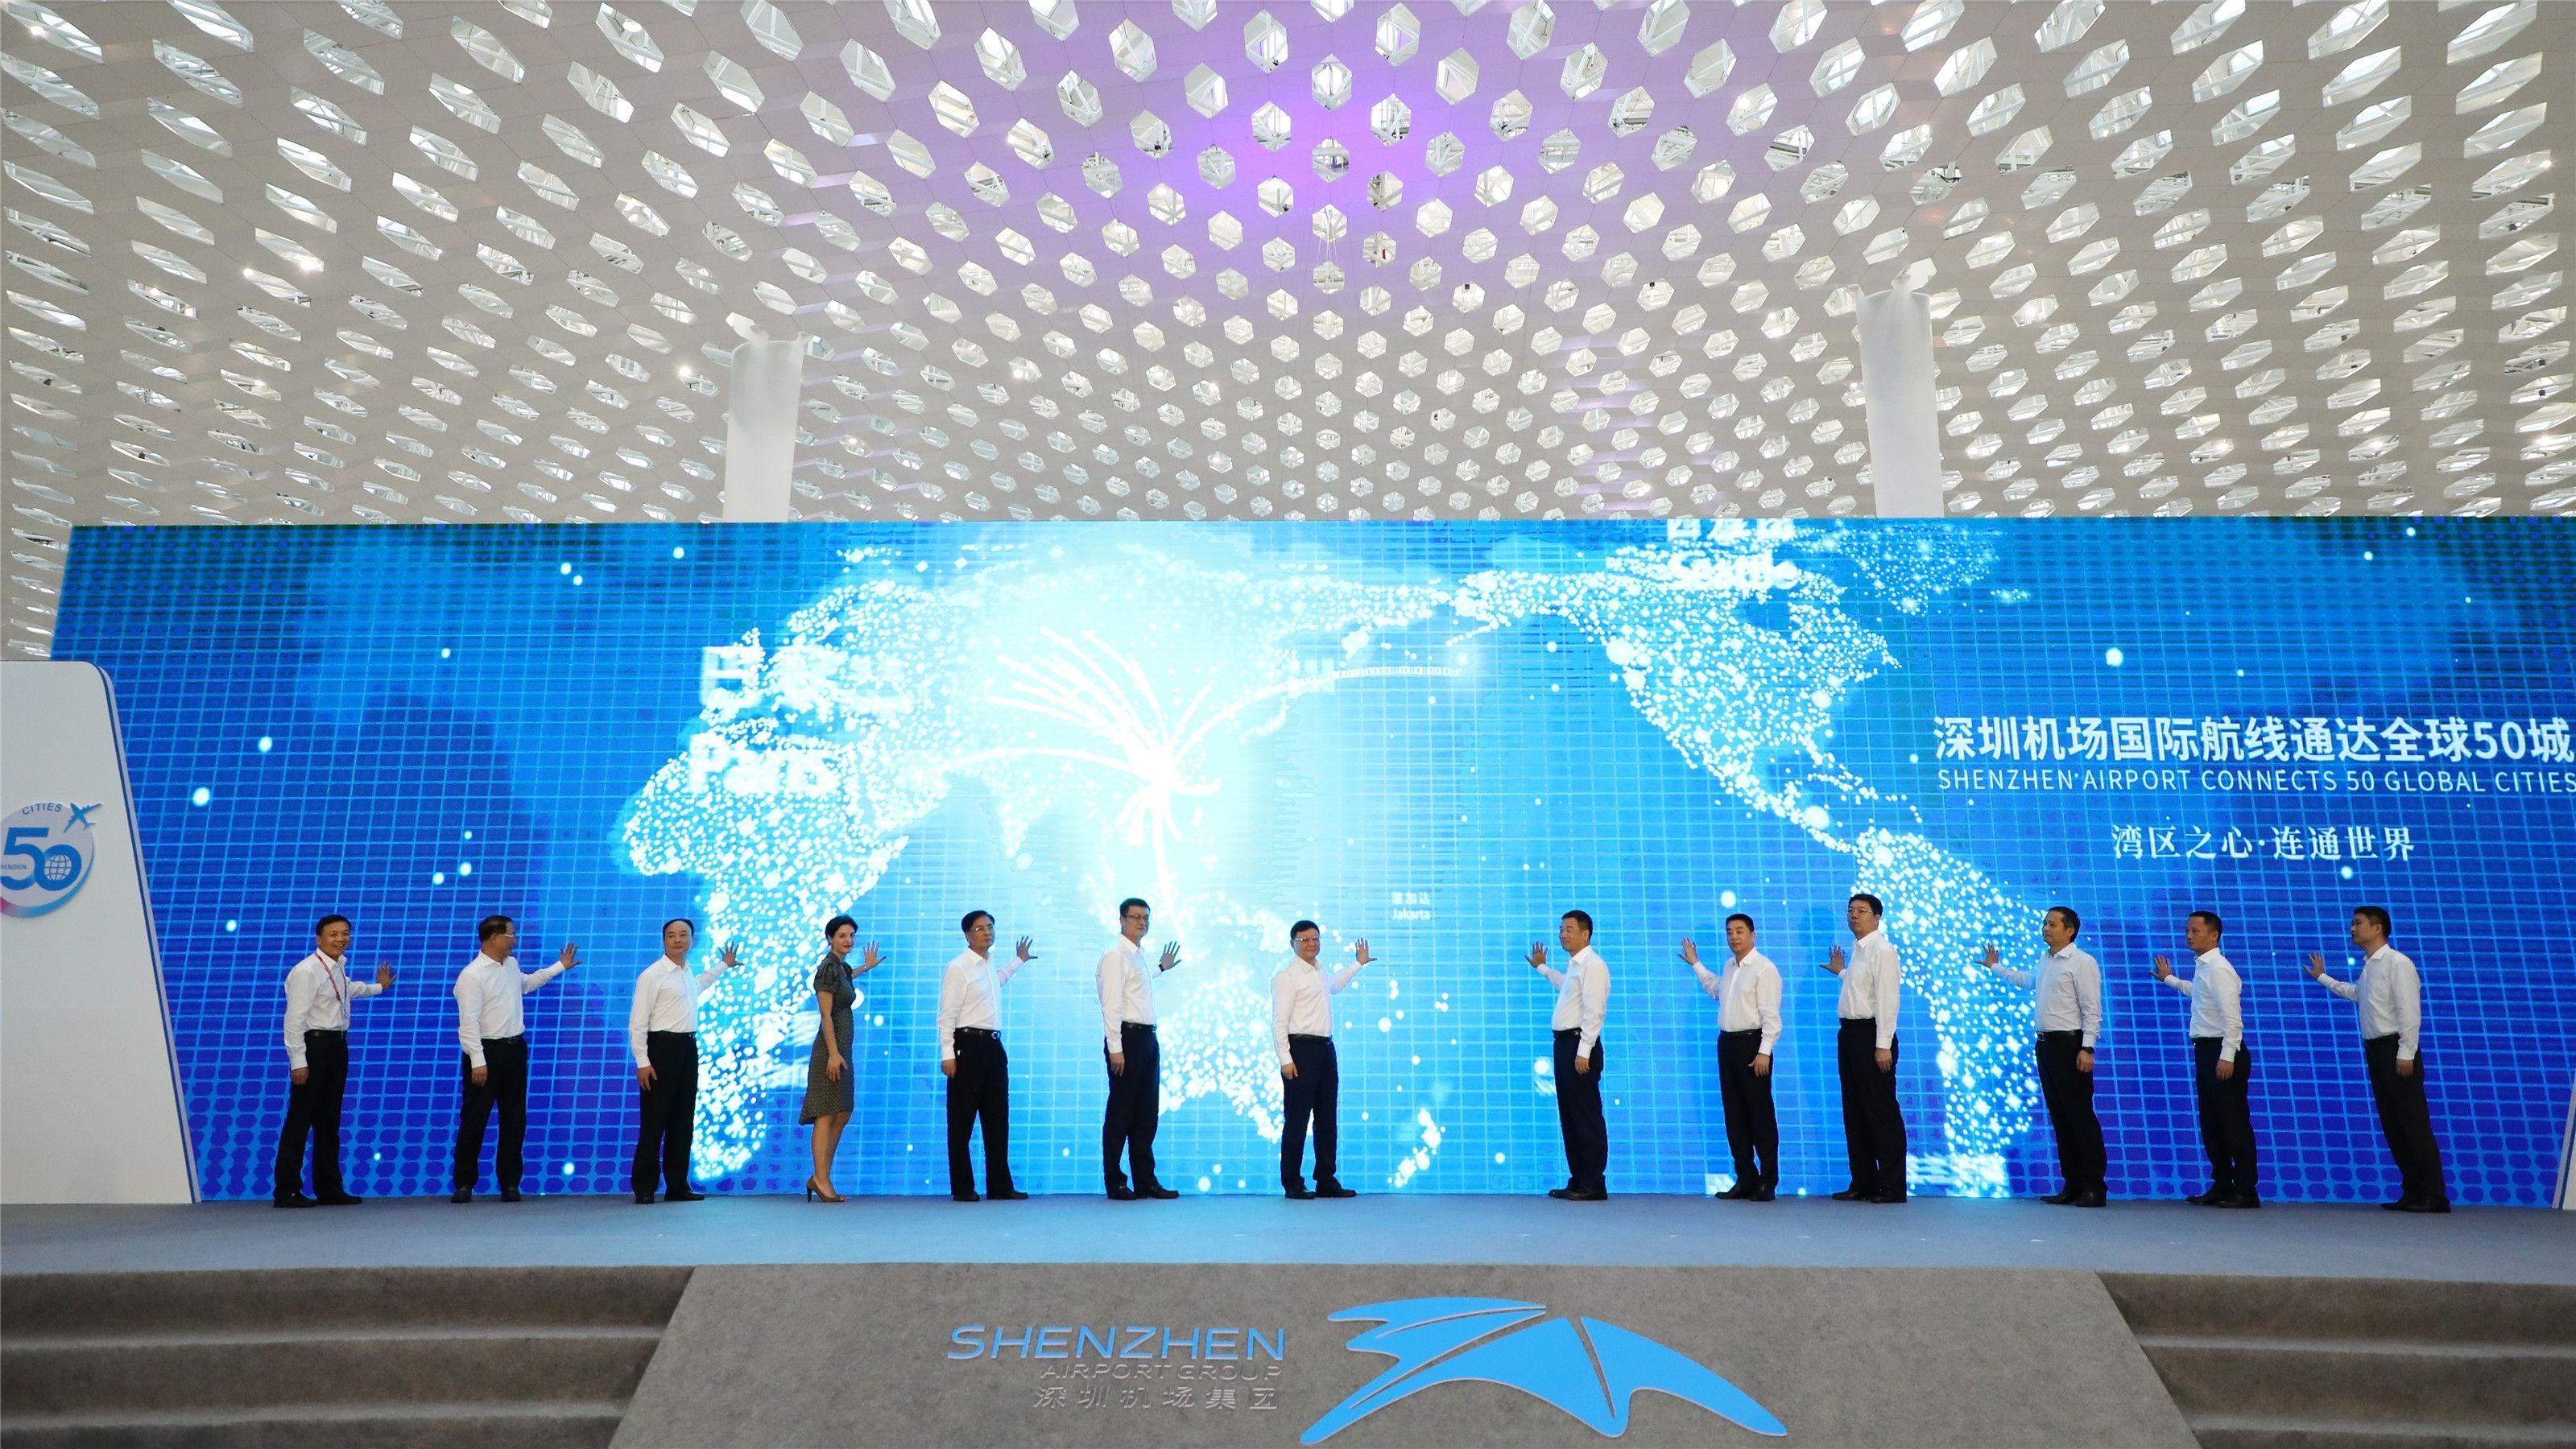 深圳机场加快打造高水平国际航空枢纽,三年新增国际航线近40条